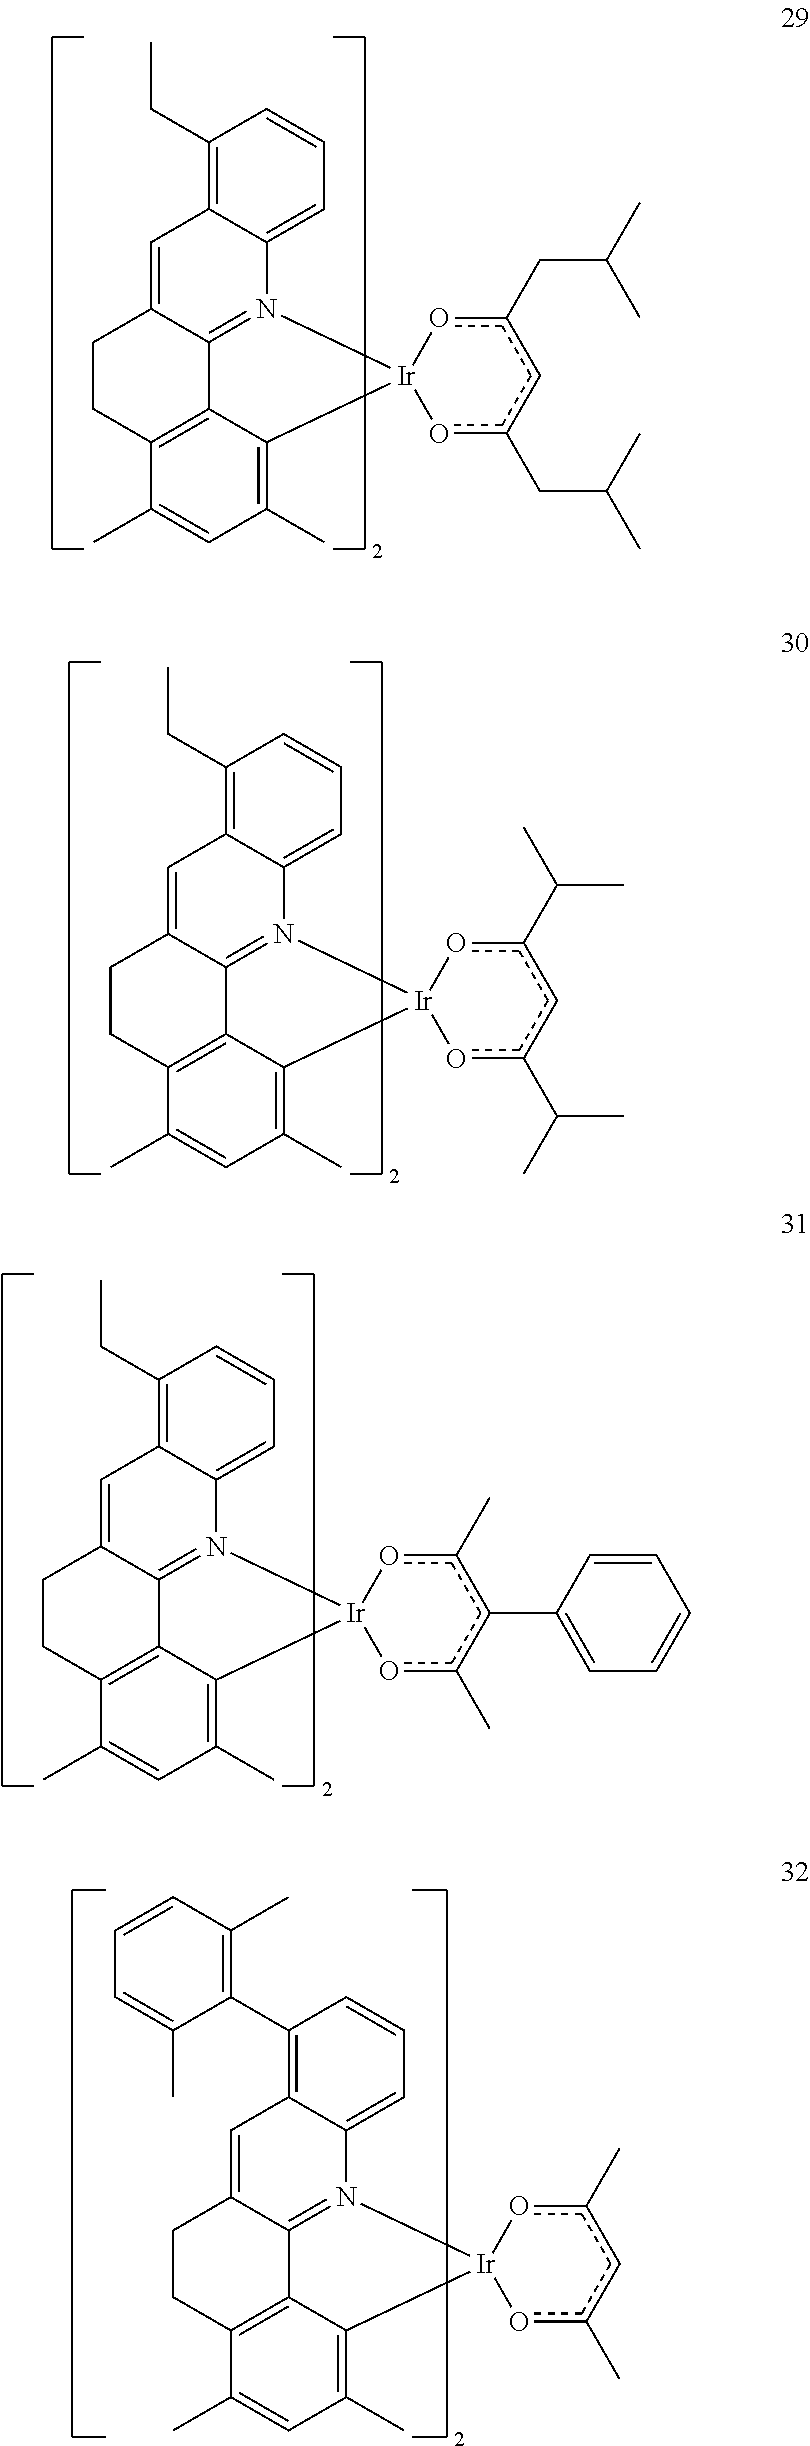 Figure US20130032785A1-20130207-C00014